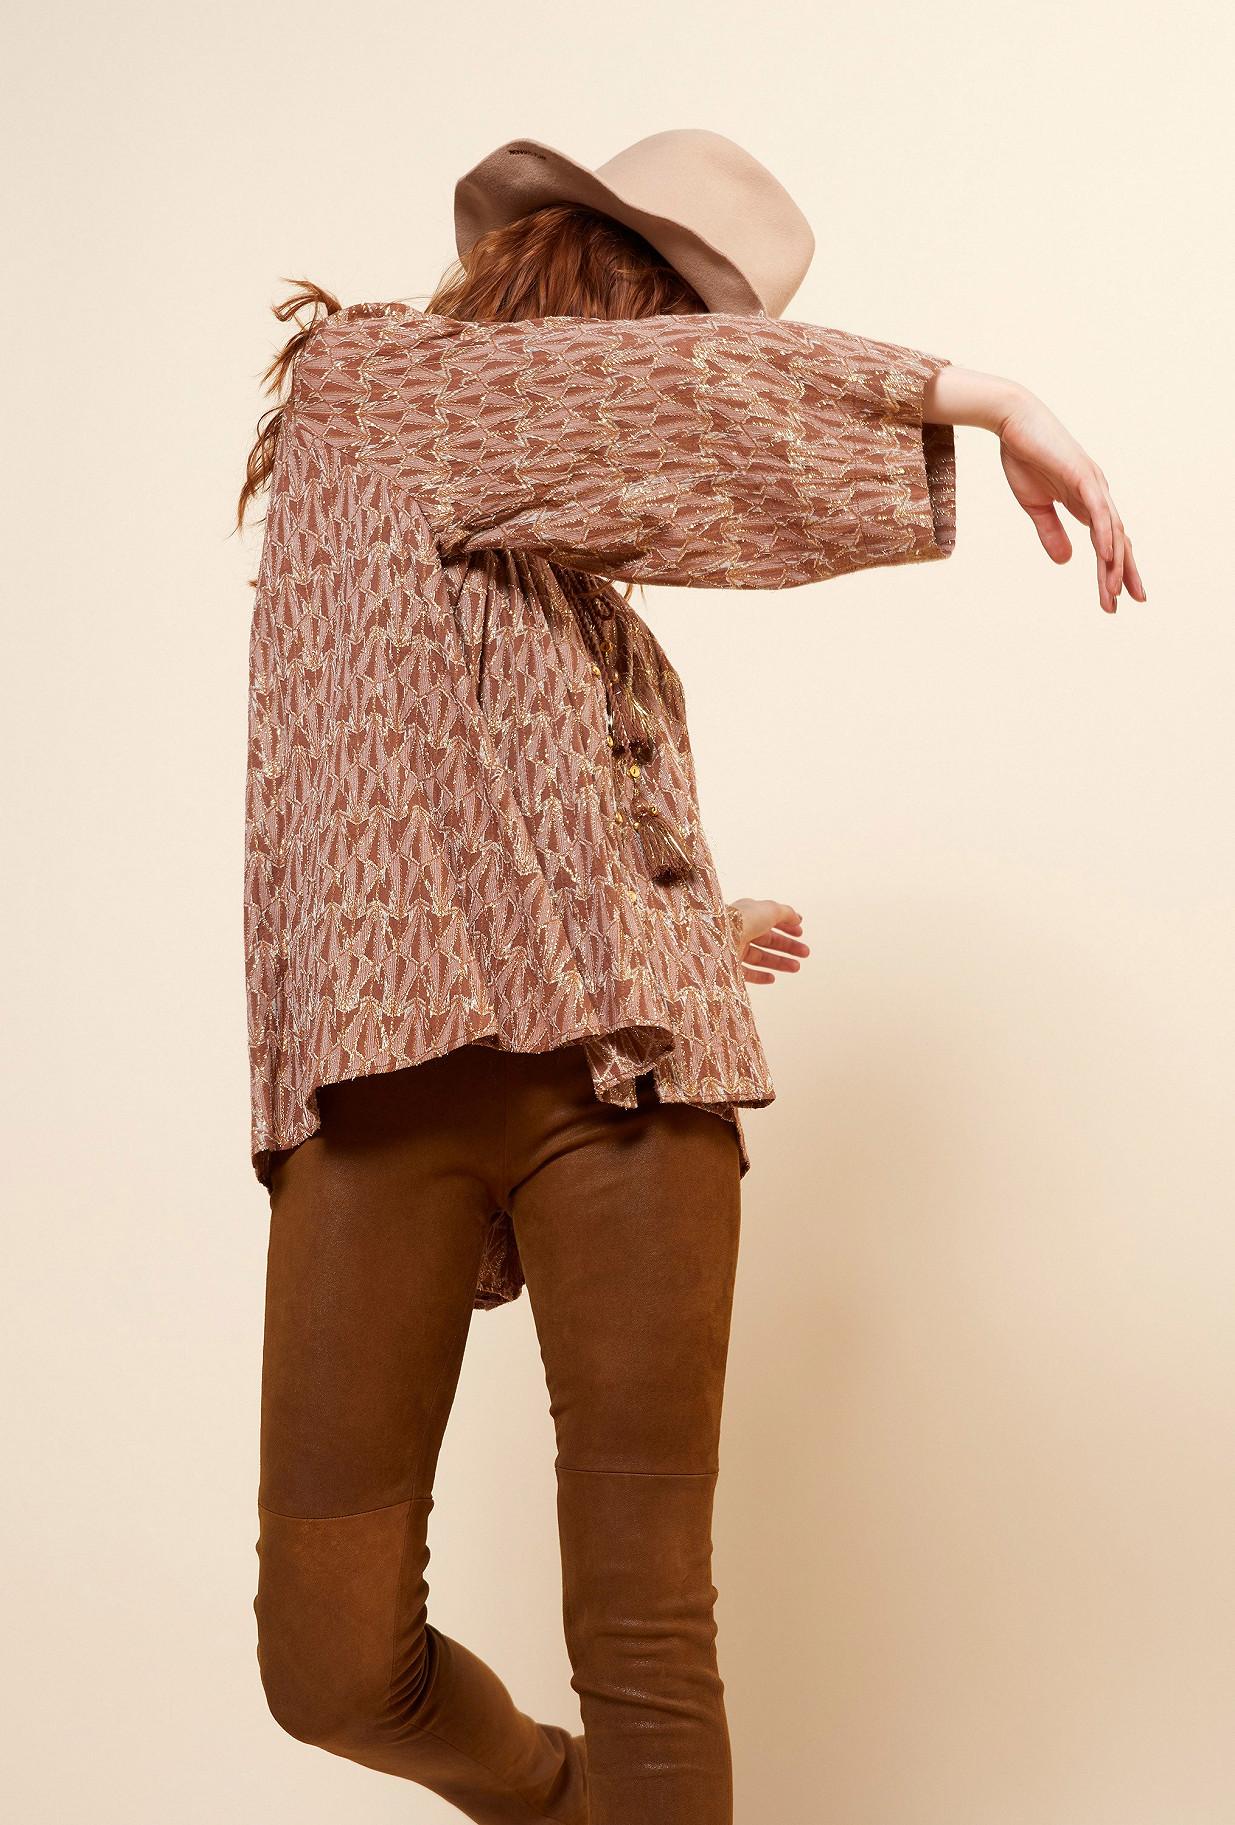 Paris clothes store Blouse  Botys french designer fashion Paris